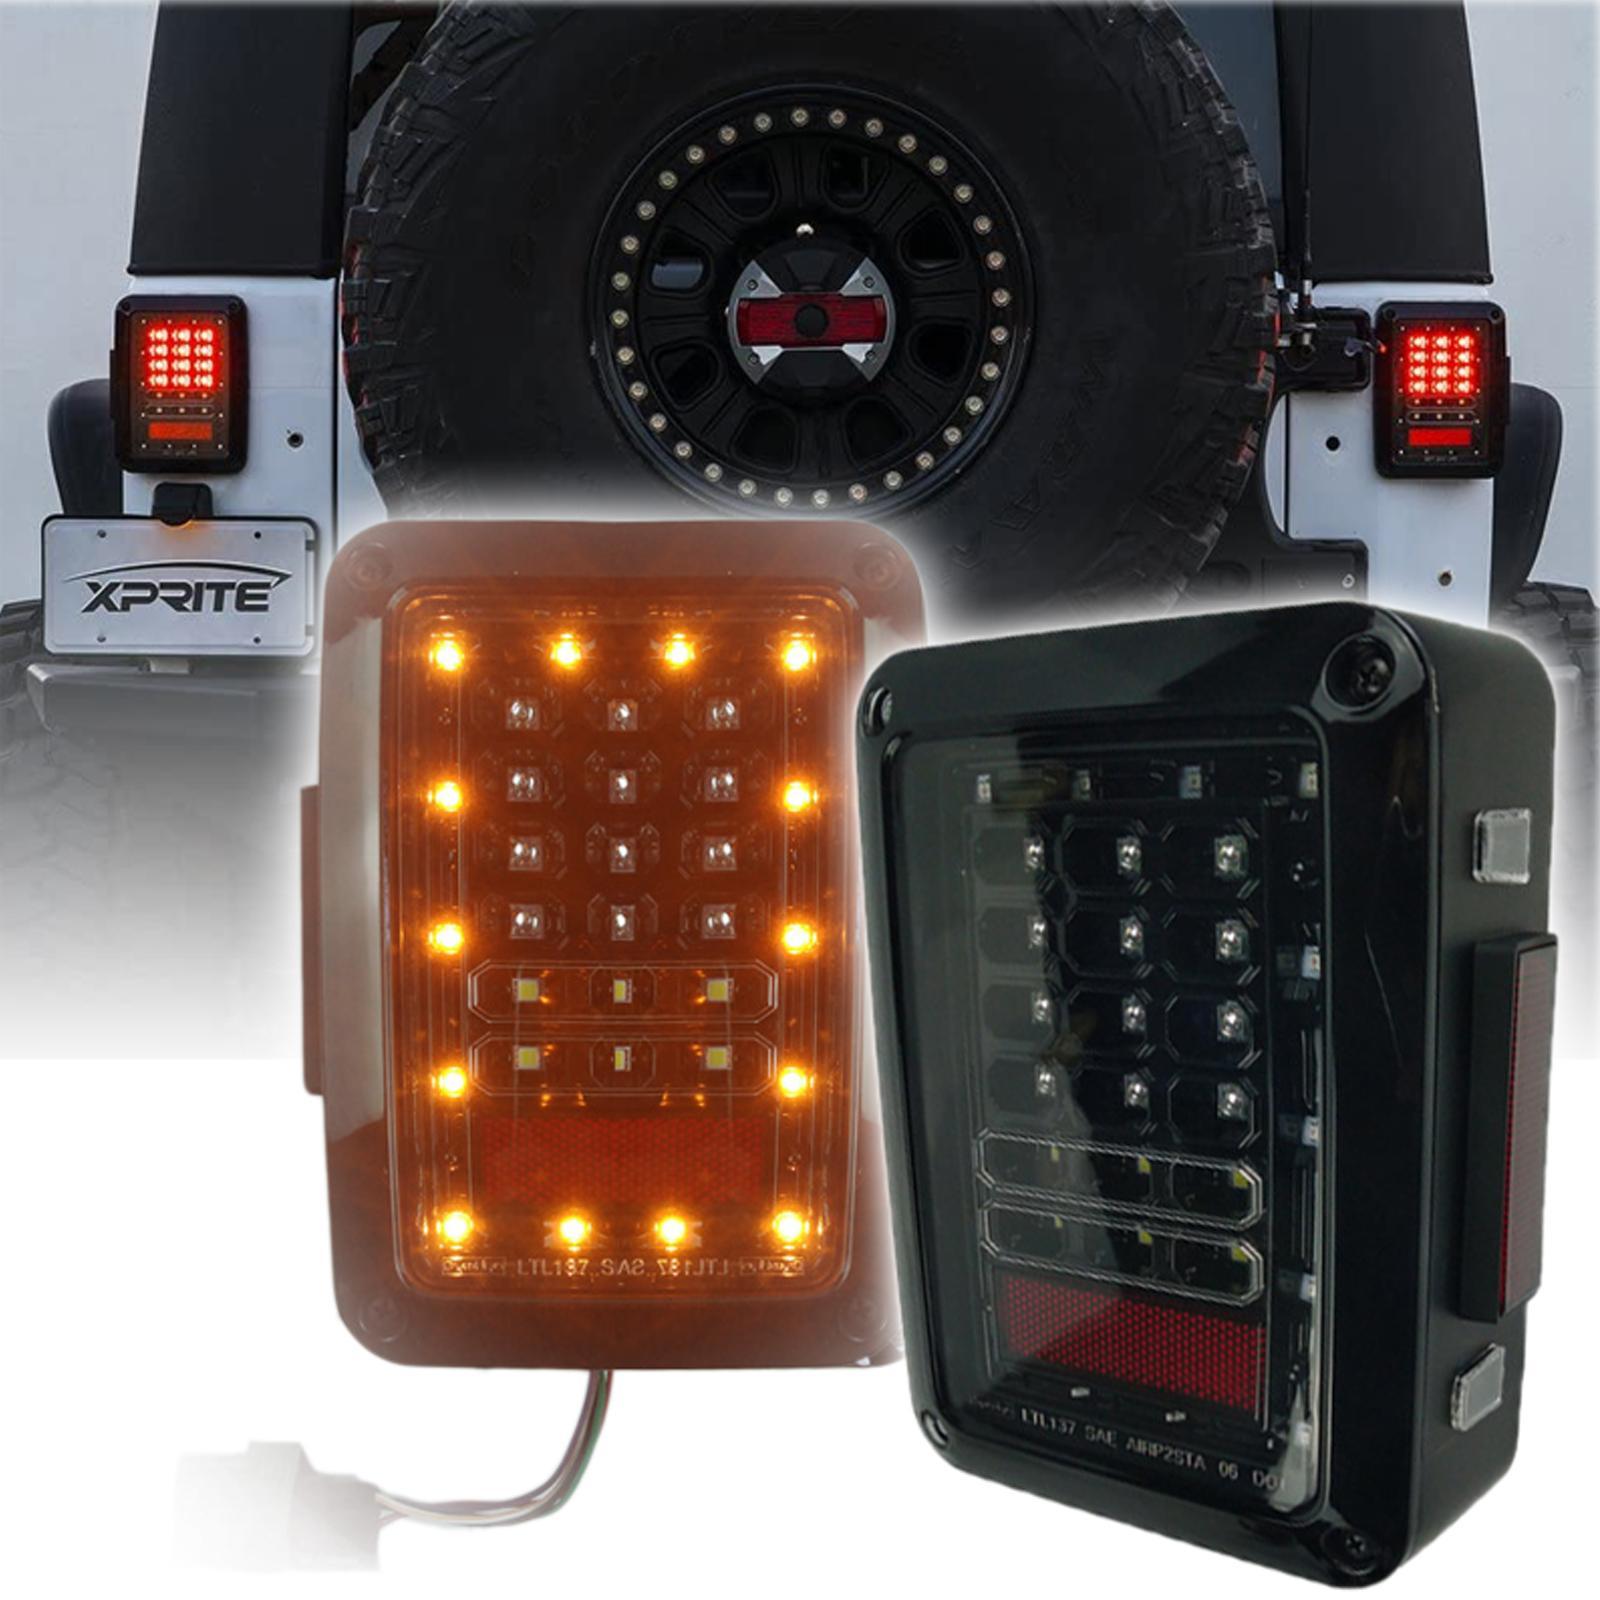 Luci di coda a LED per nuovo Jeep Wrangler 2007 JL 2018 freno posteriore Cowgirl Fanali posteriori